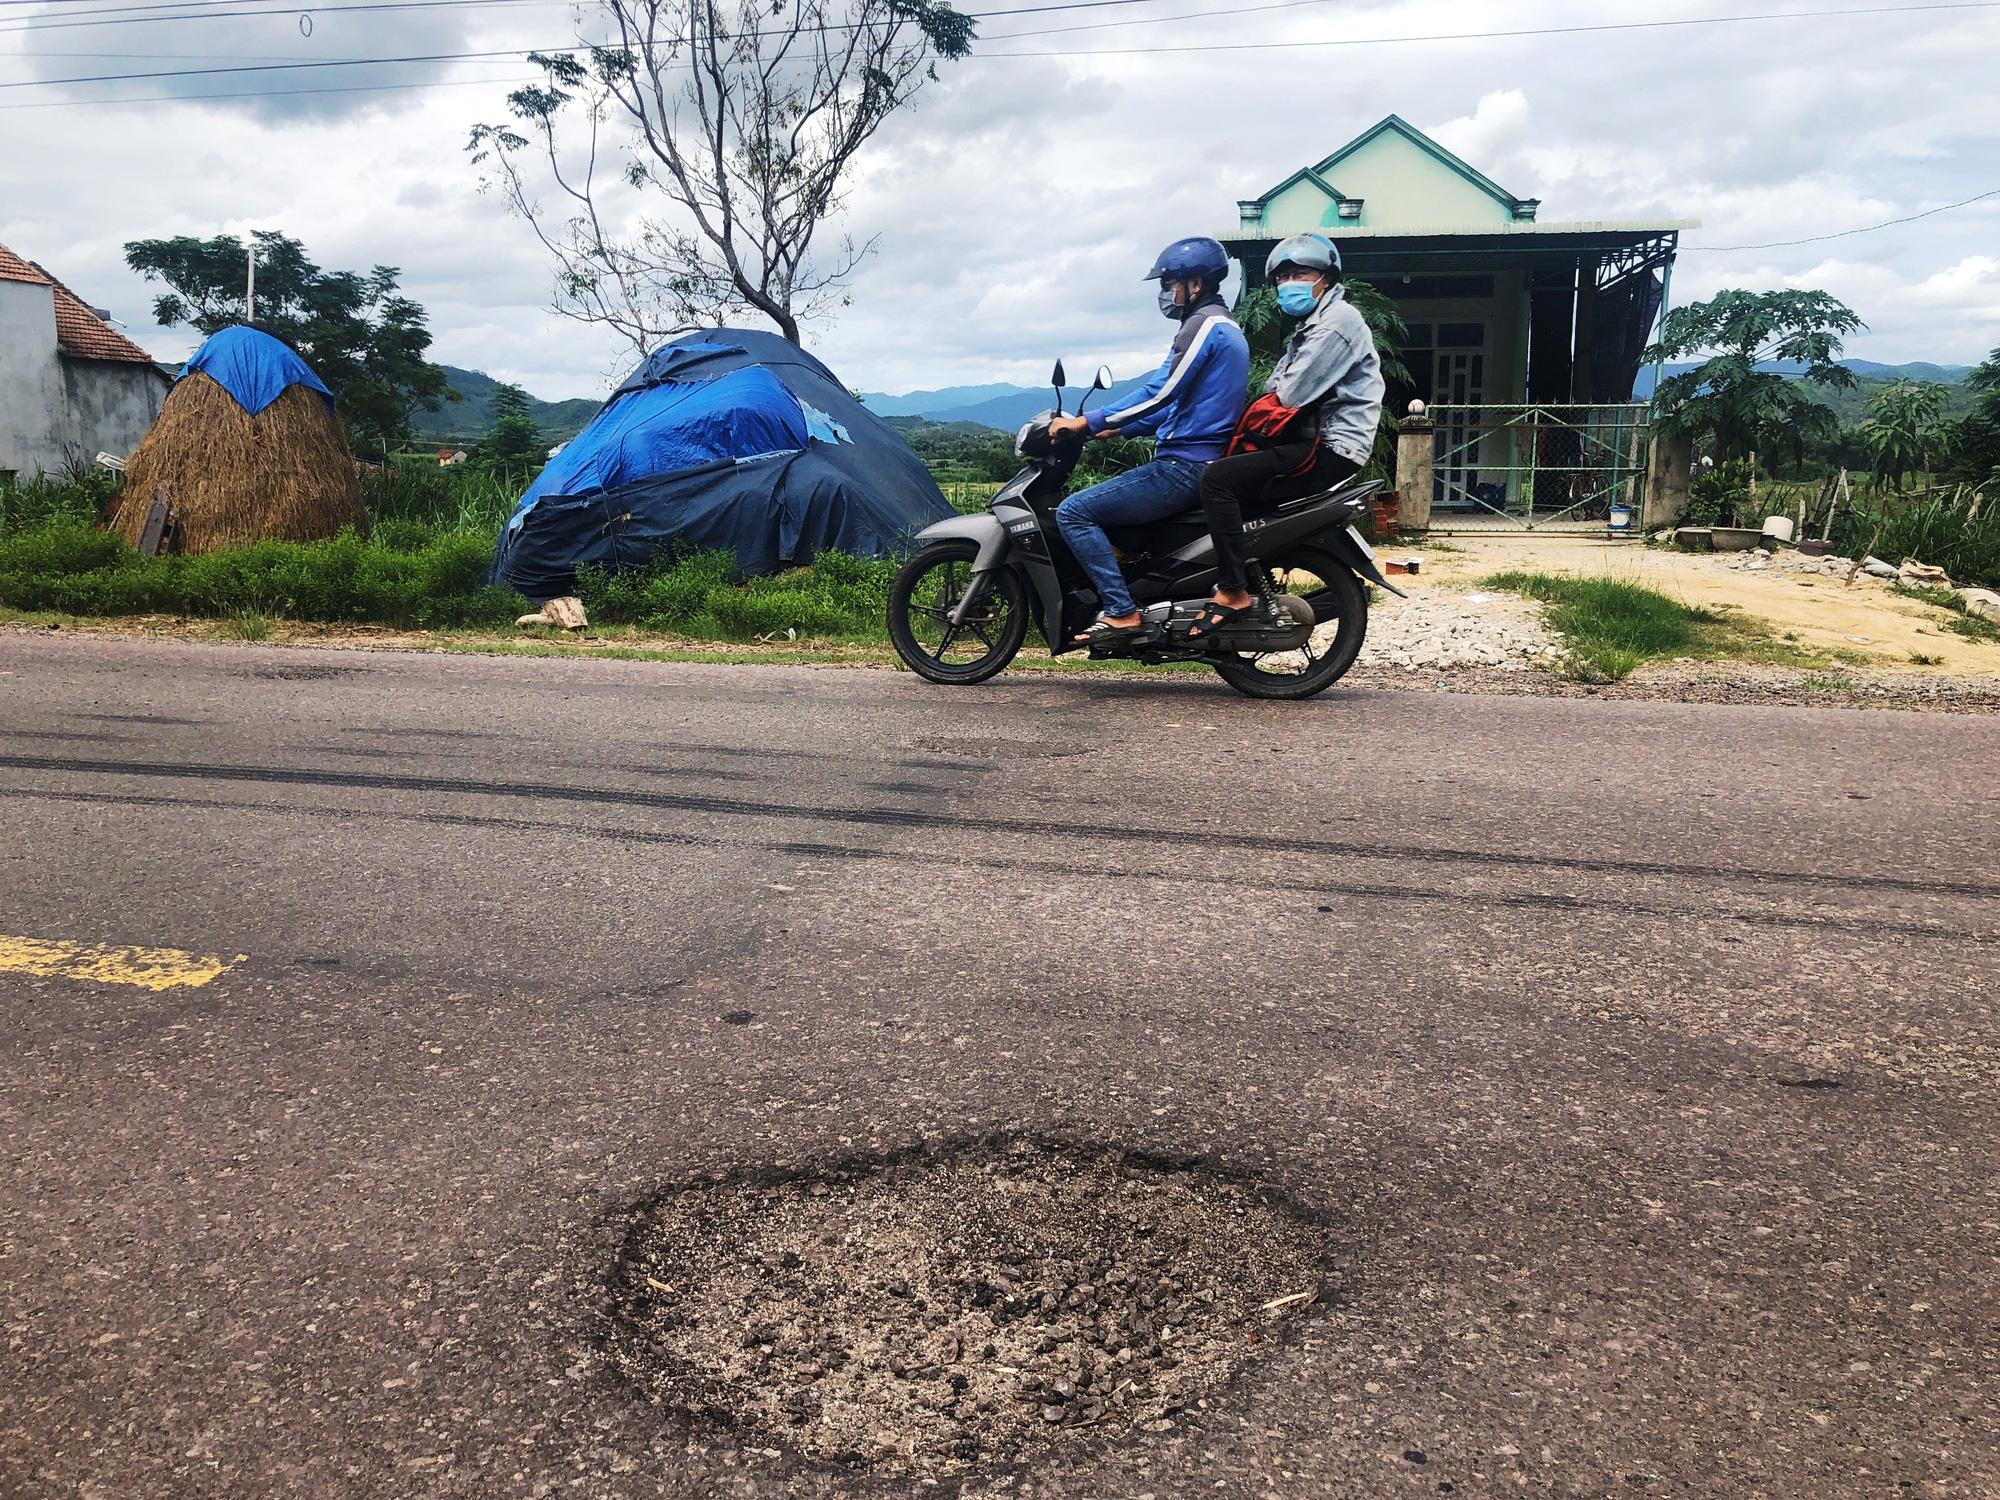 """Bình Định: Quốc lộ 19 xuất hiện """"ổ voi, ổ gà""""…gây bất an cho người đi đường - Ảnh 4."""